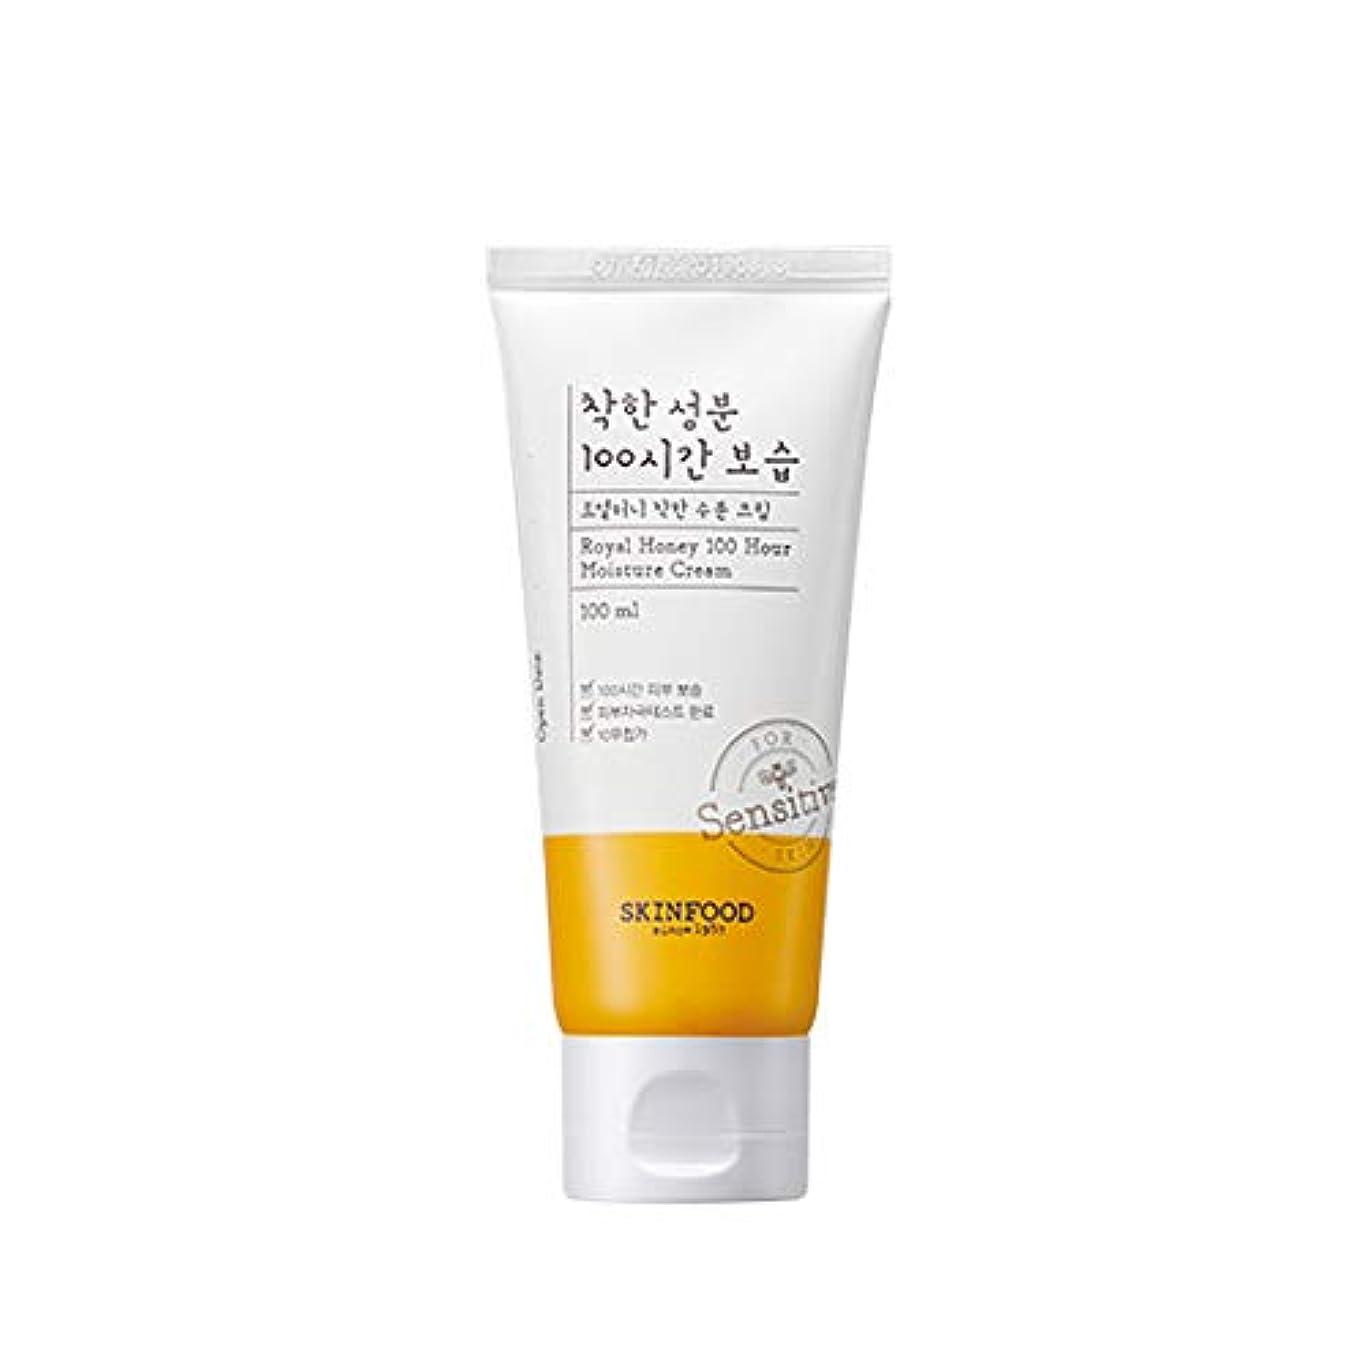 センター今日書道Skinfood ロイヤルハニー100時間モイスチャークリーム / Royal Honey 100 Hour Moisture Cream 100ml [並行輸入品]